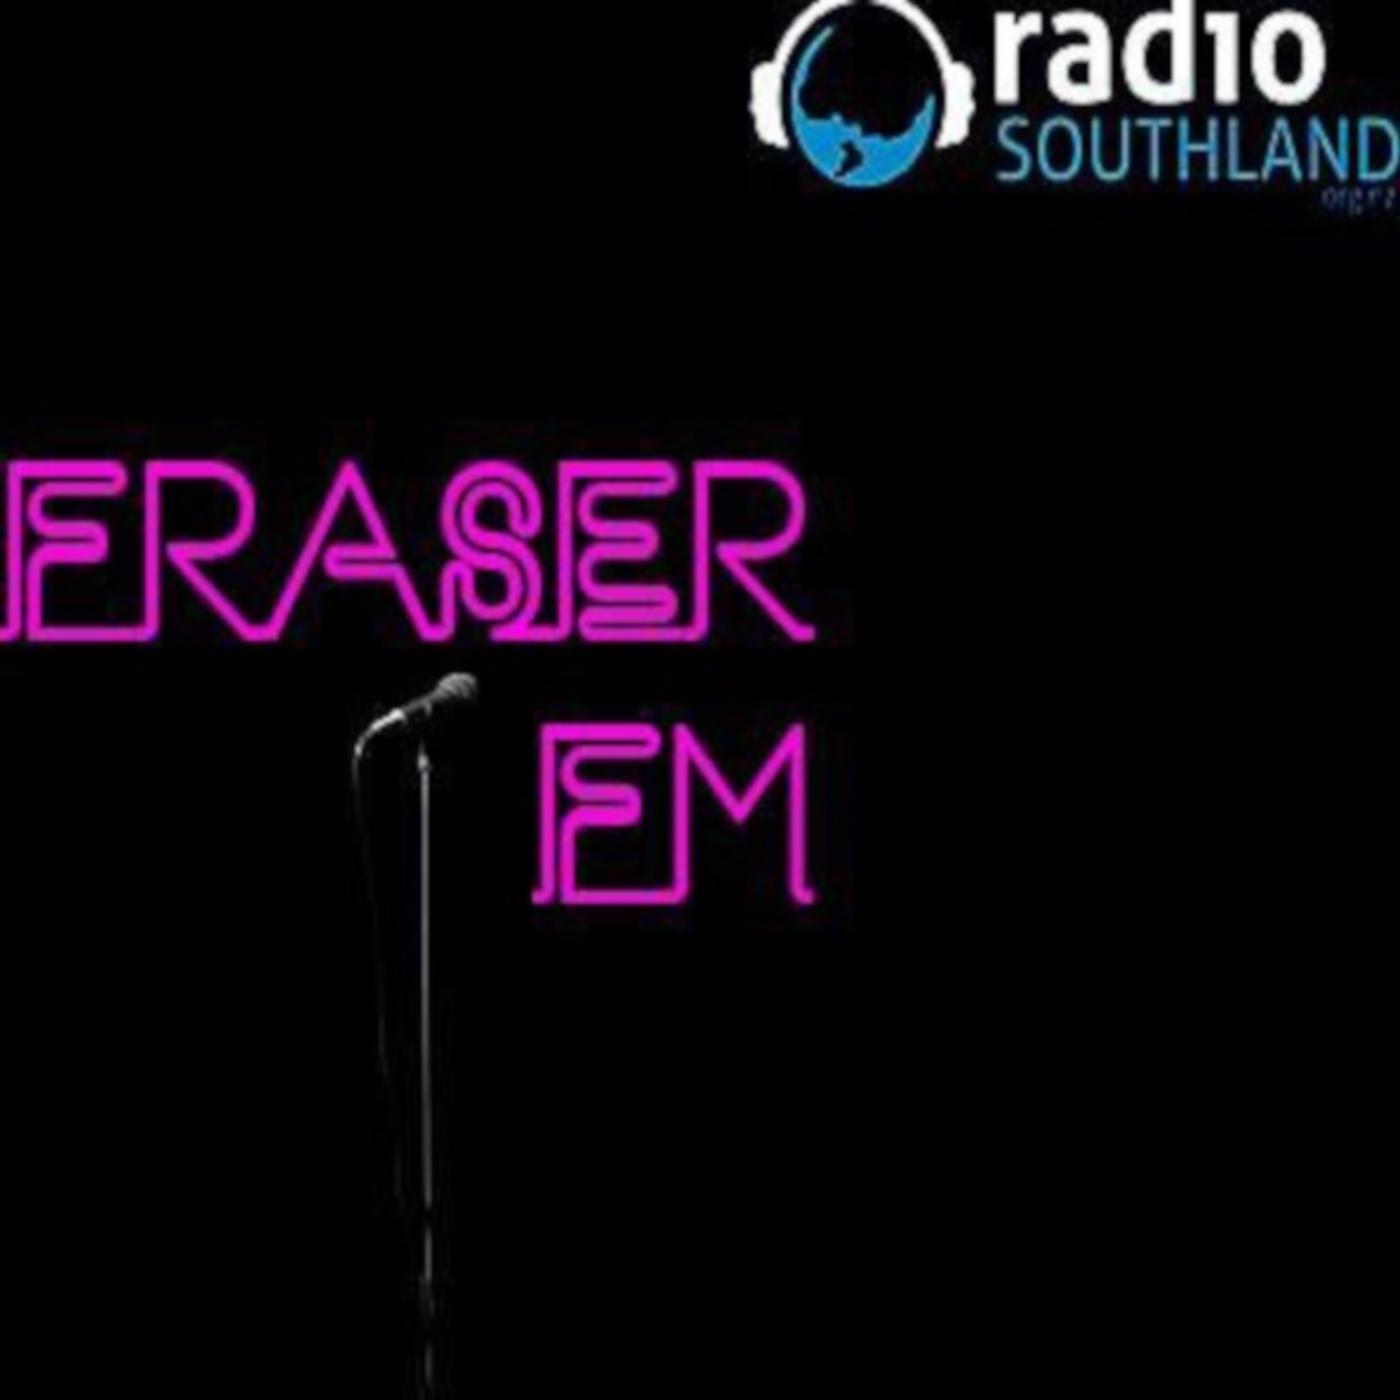 Fraser FM